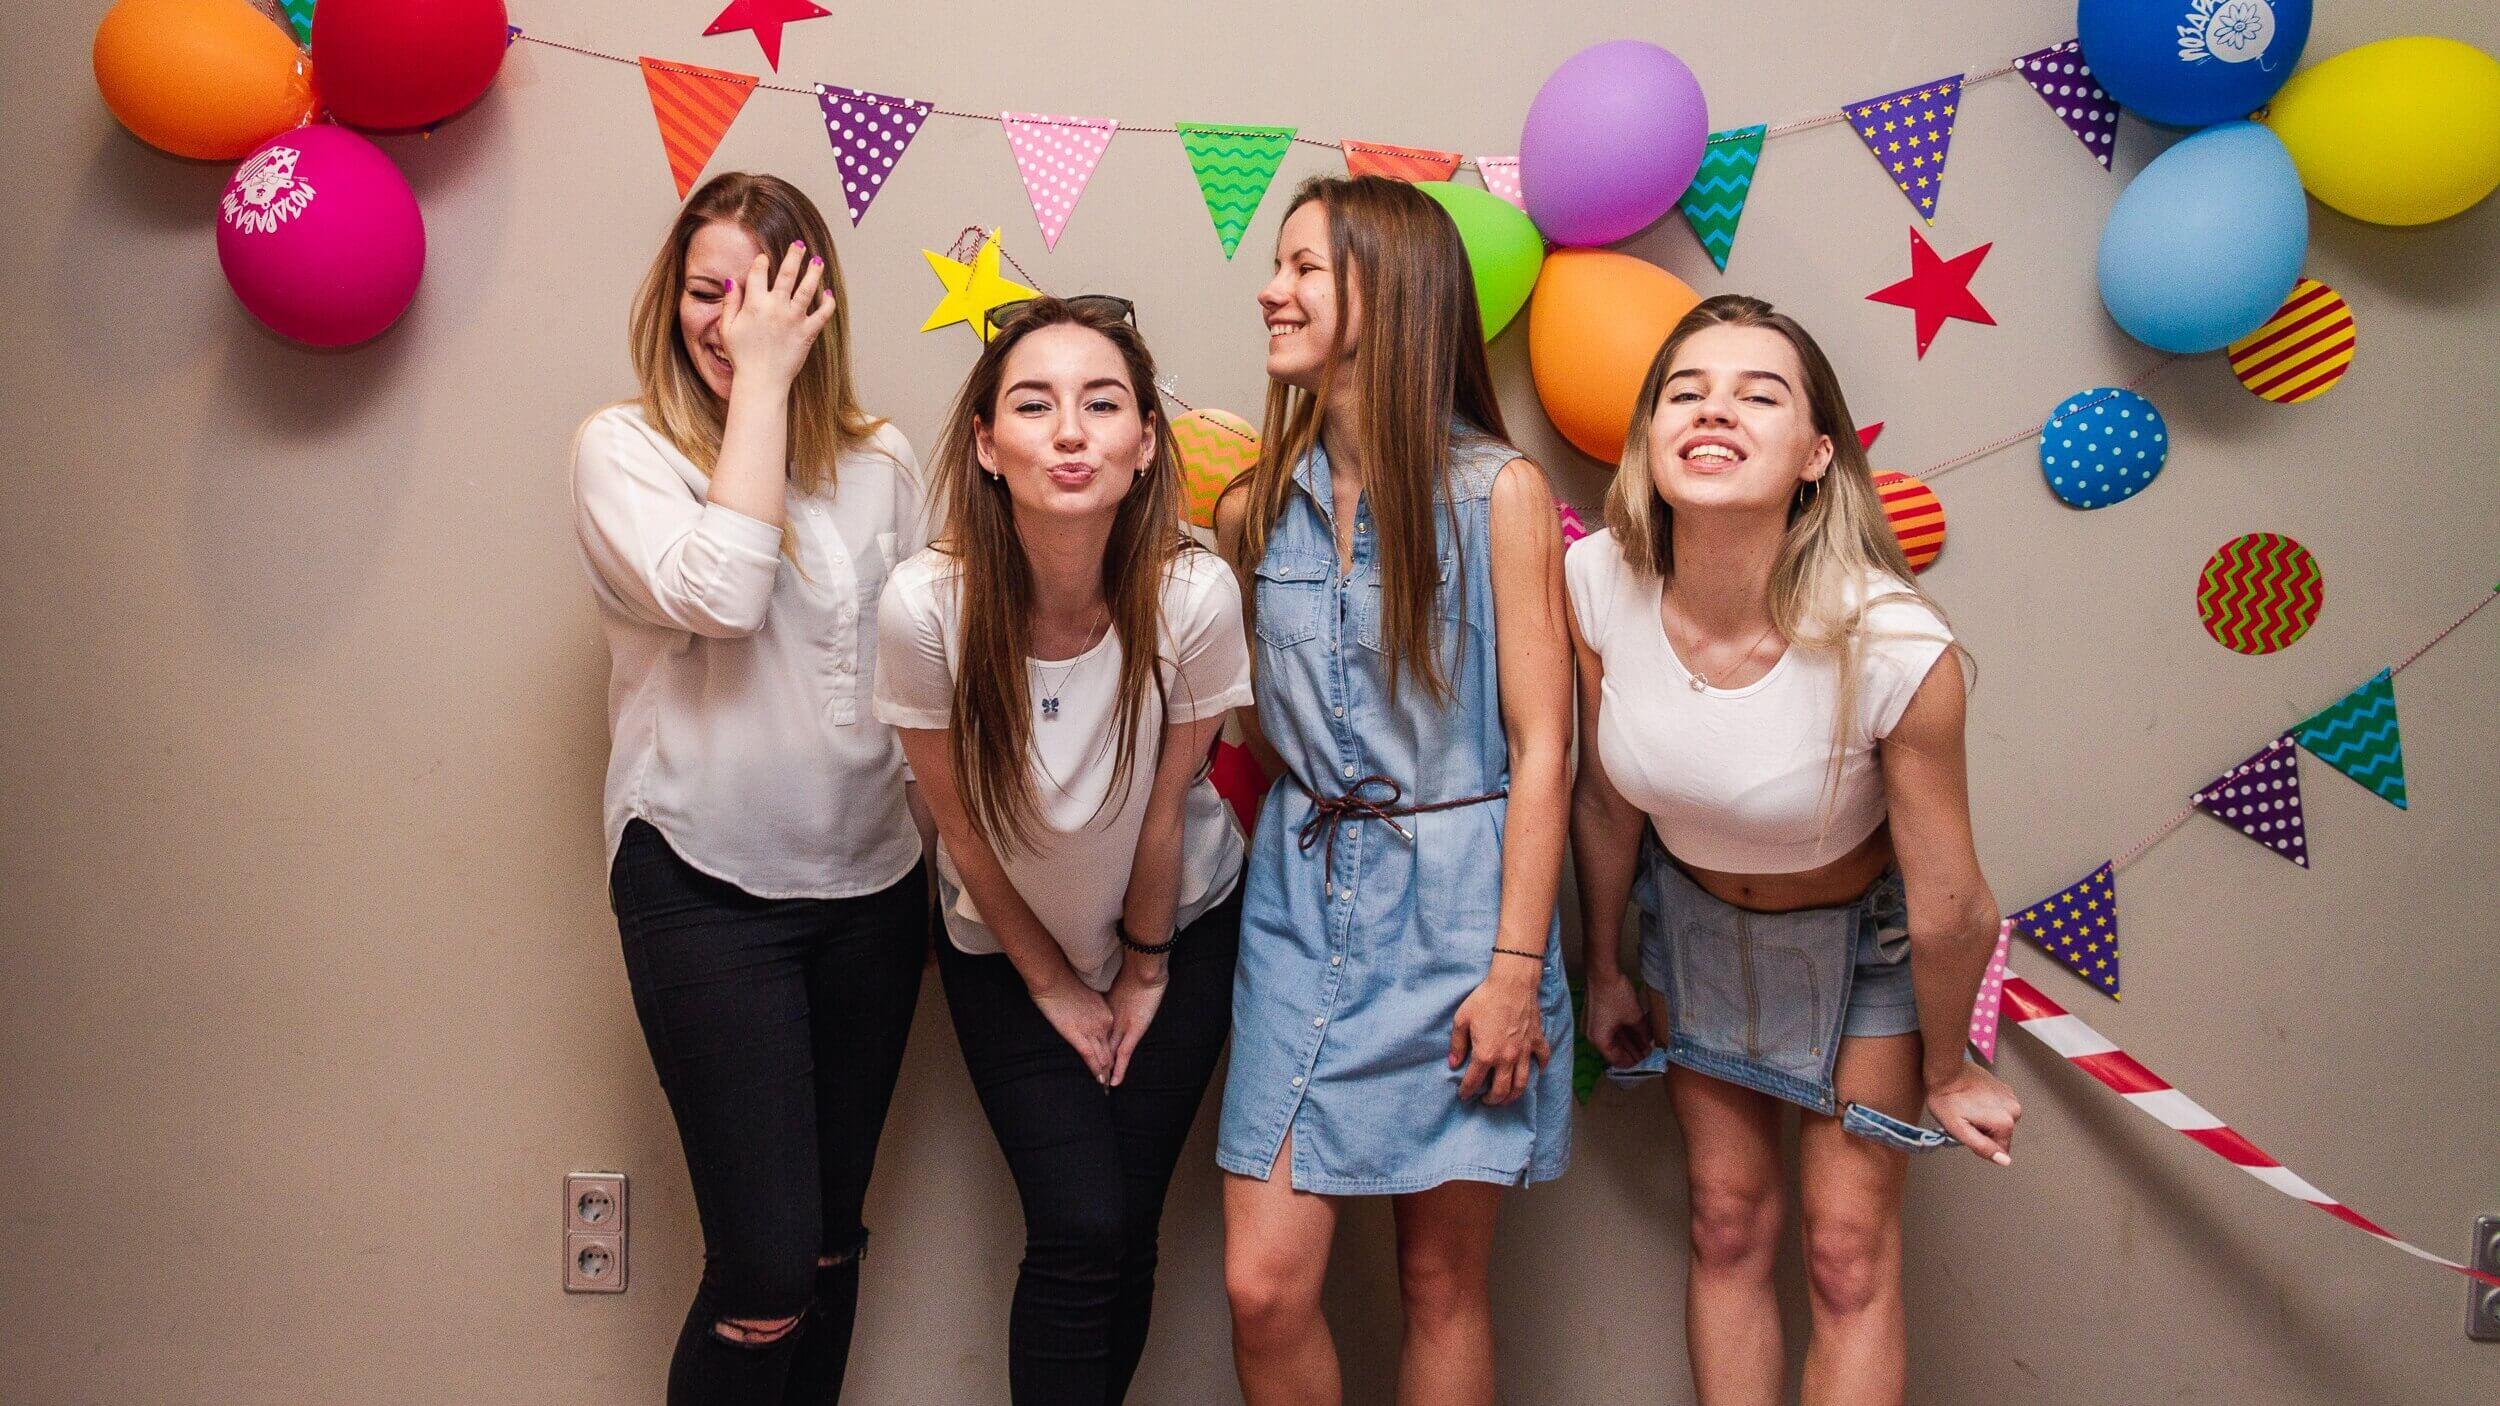 праздник для девушек